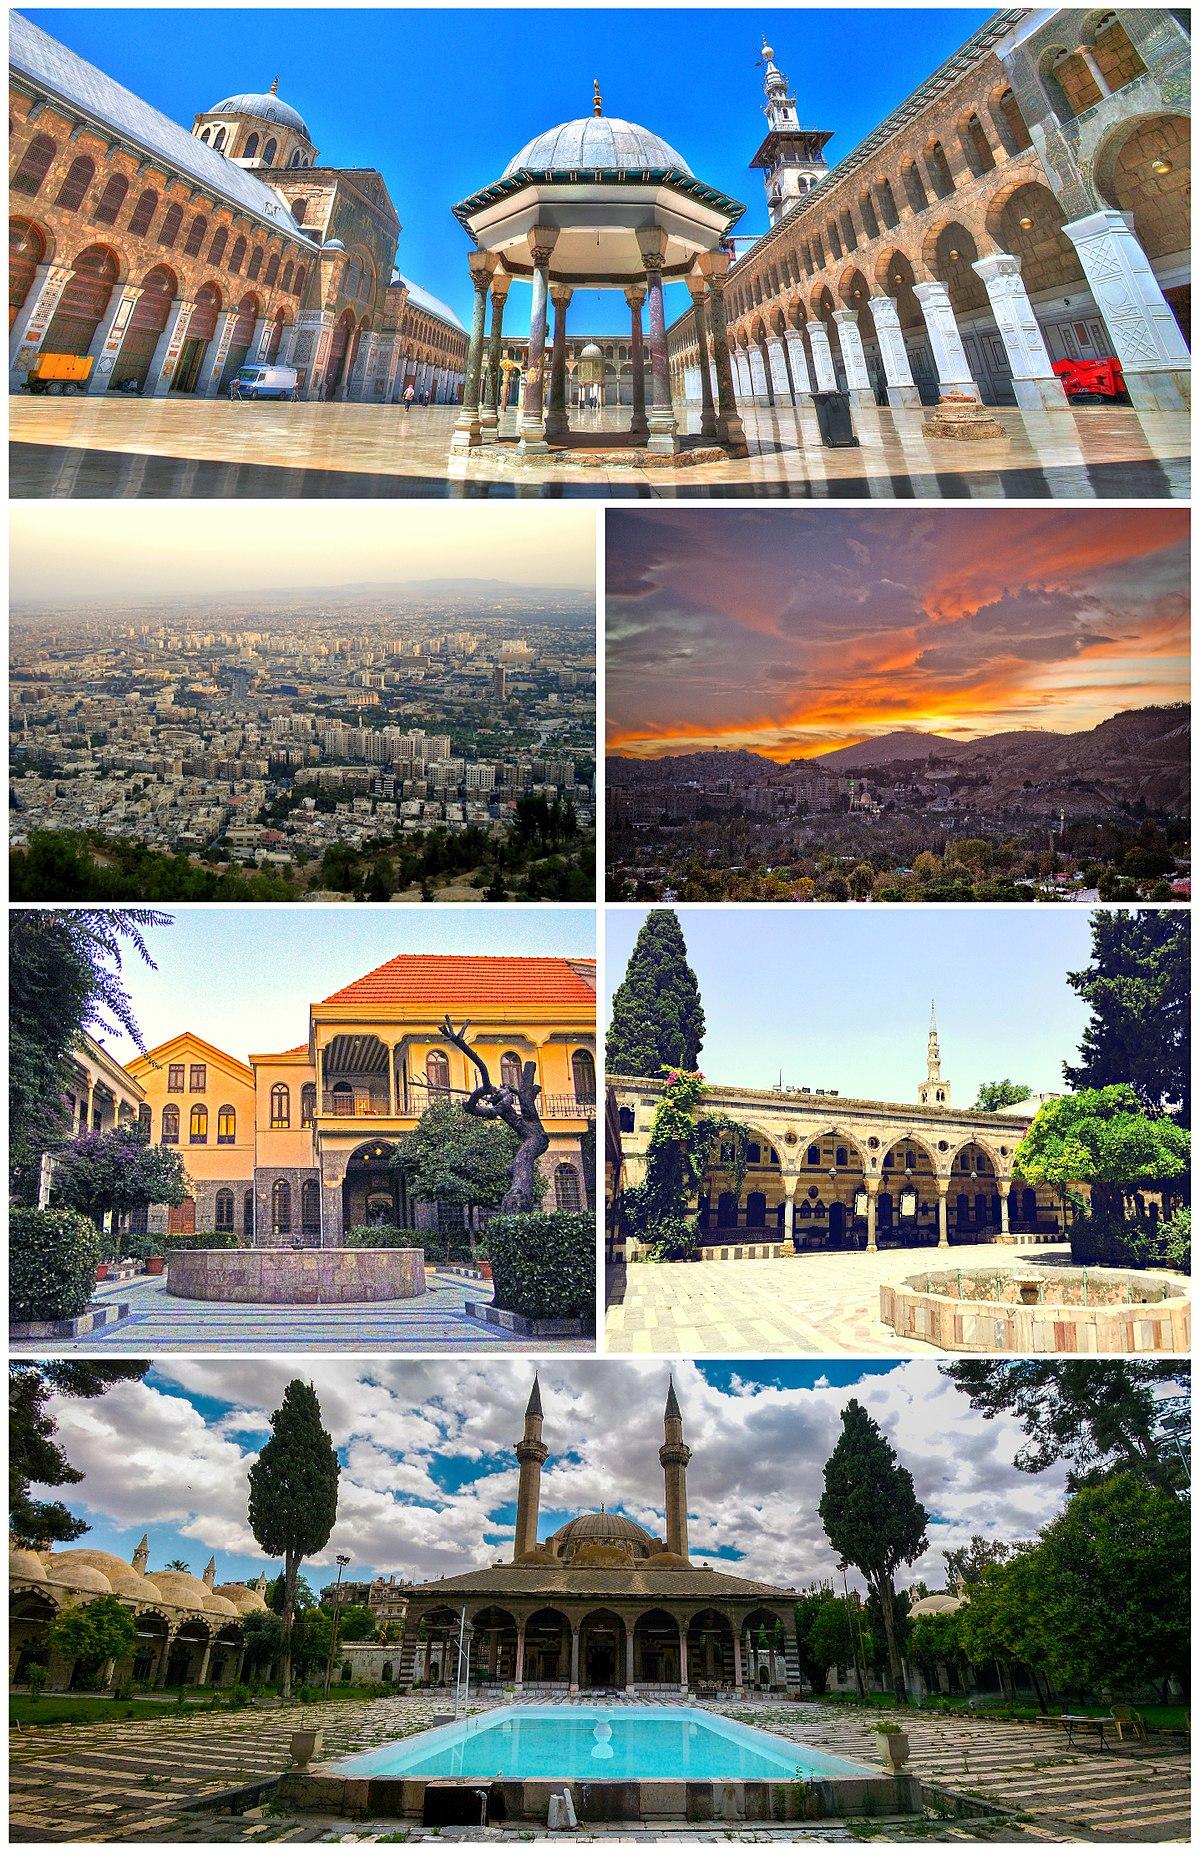 دمشق ويكيبيديا